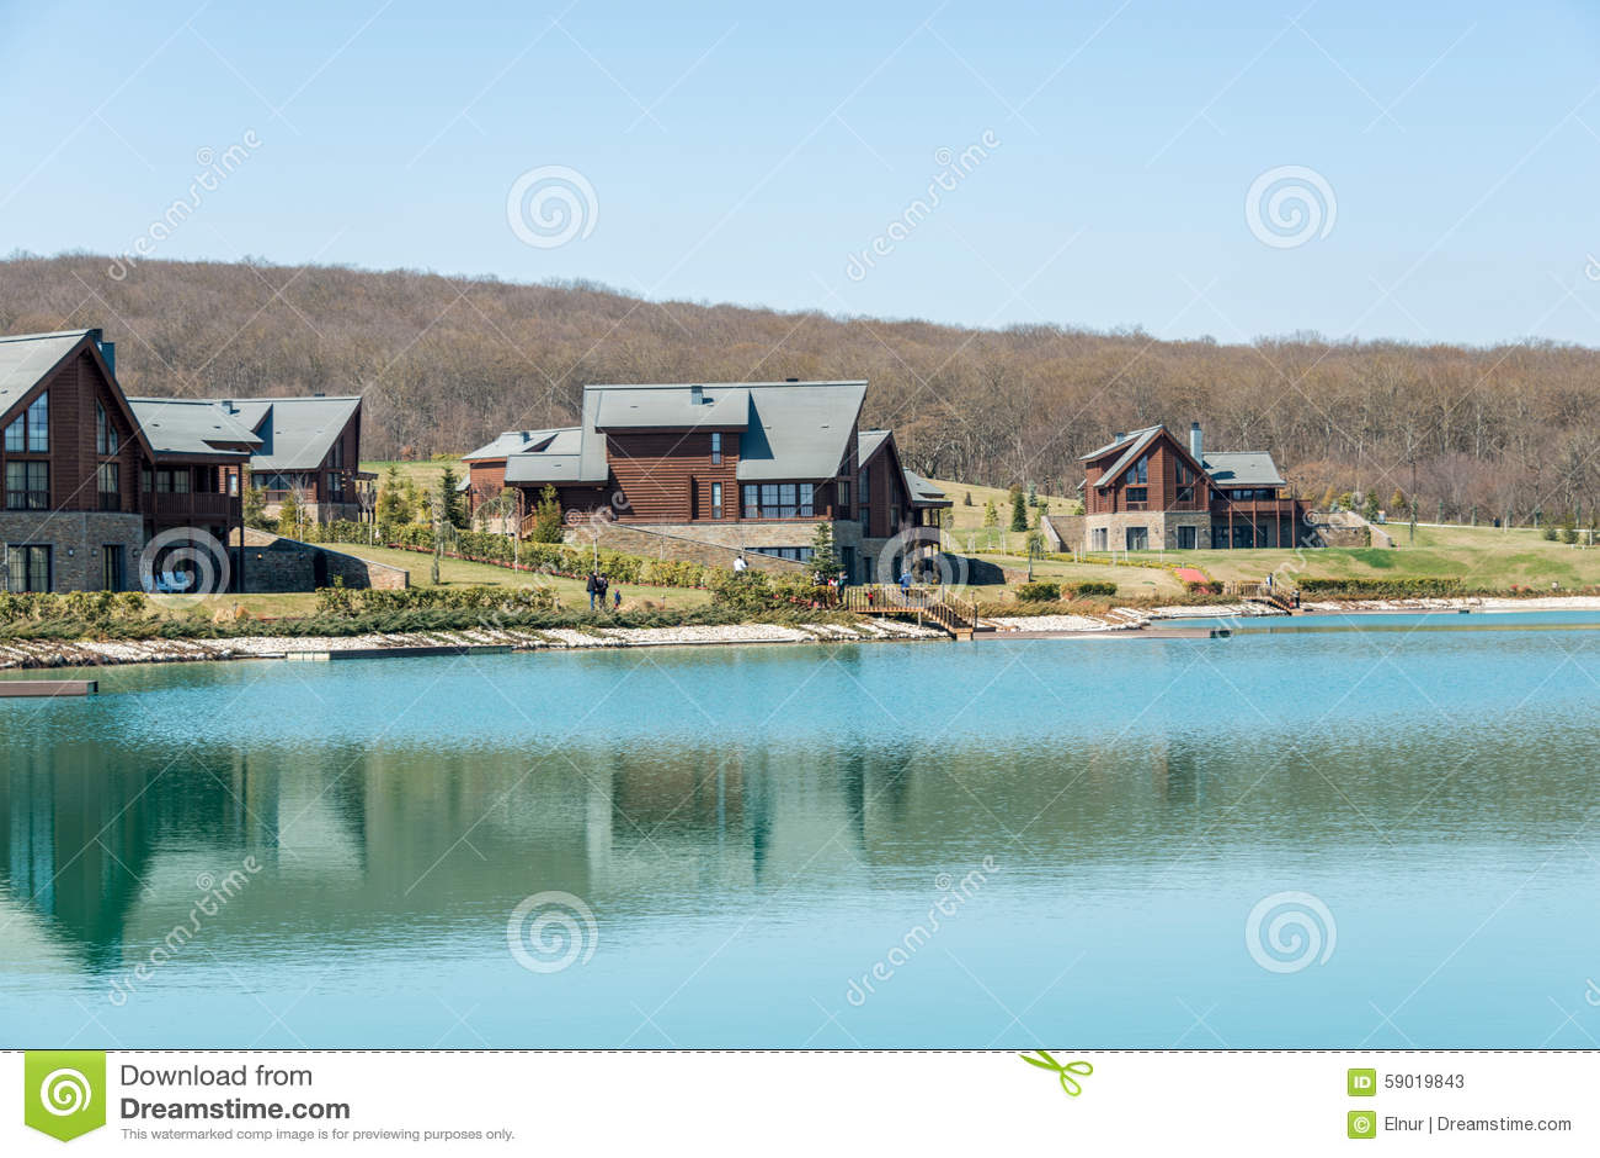 Modern huis dichtbij water op heldere dag stock afbeelding afbeelding 59019843 - Foto modern huis ...